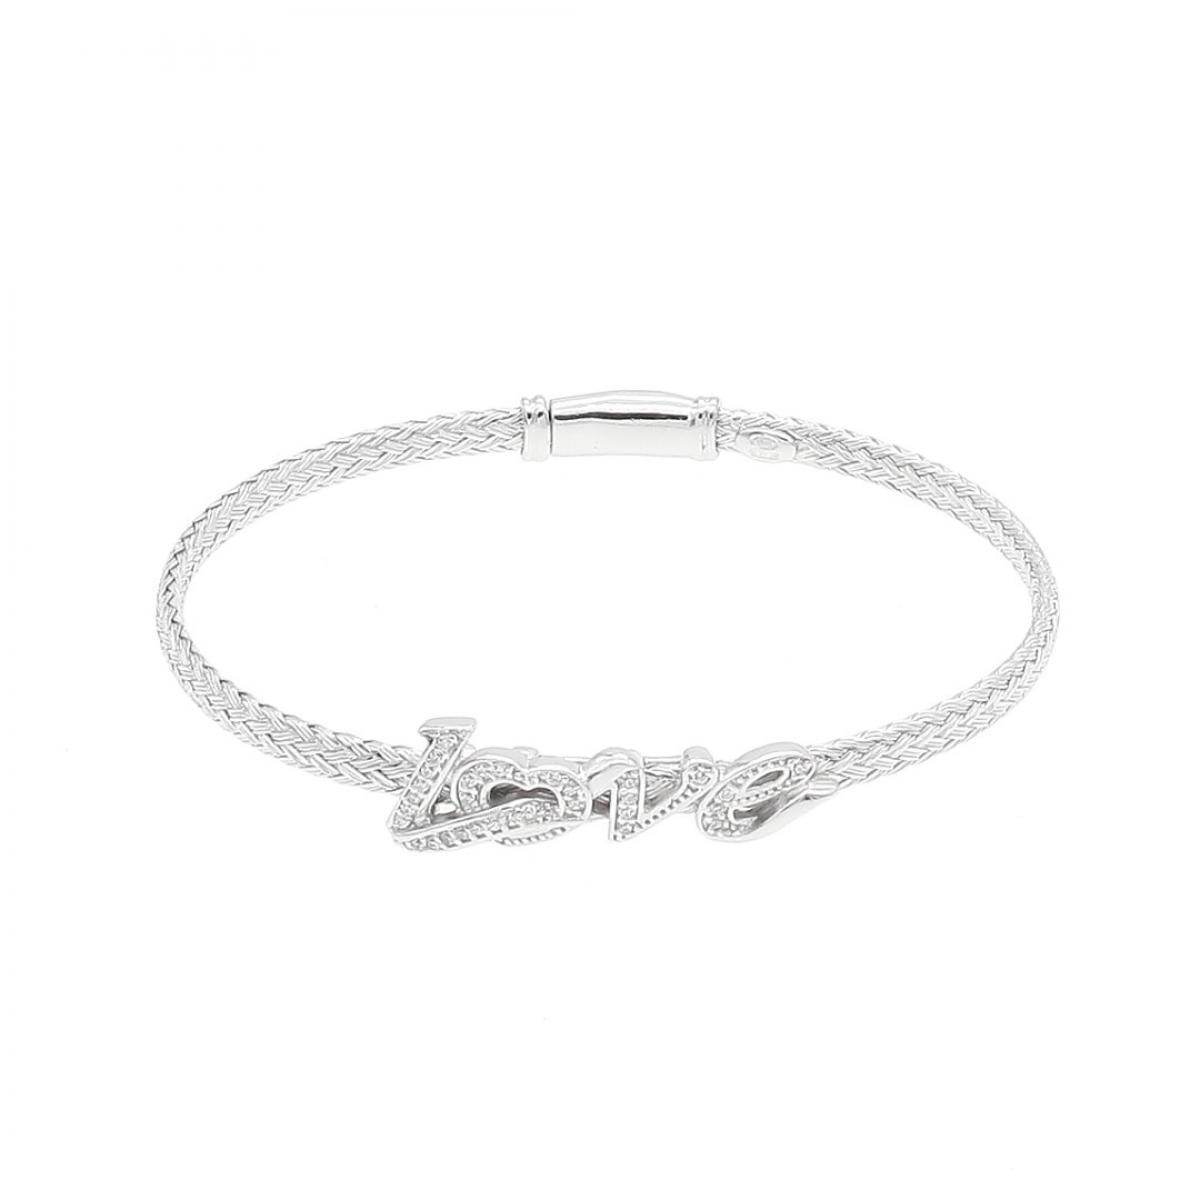 Браслет срібний жорсткий ``LOVE`` (розмір 17)